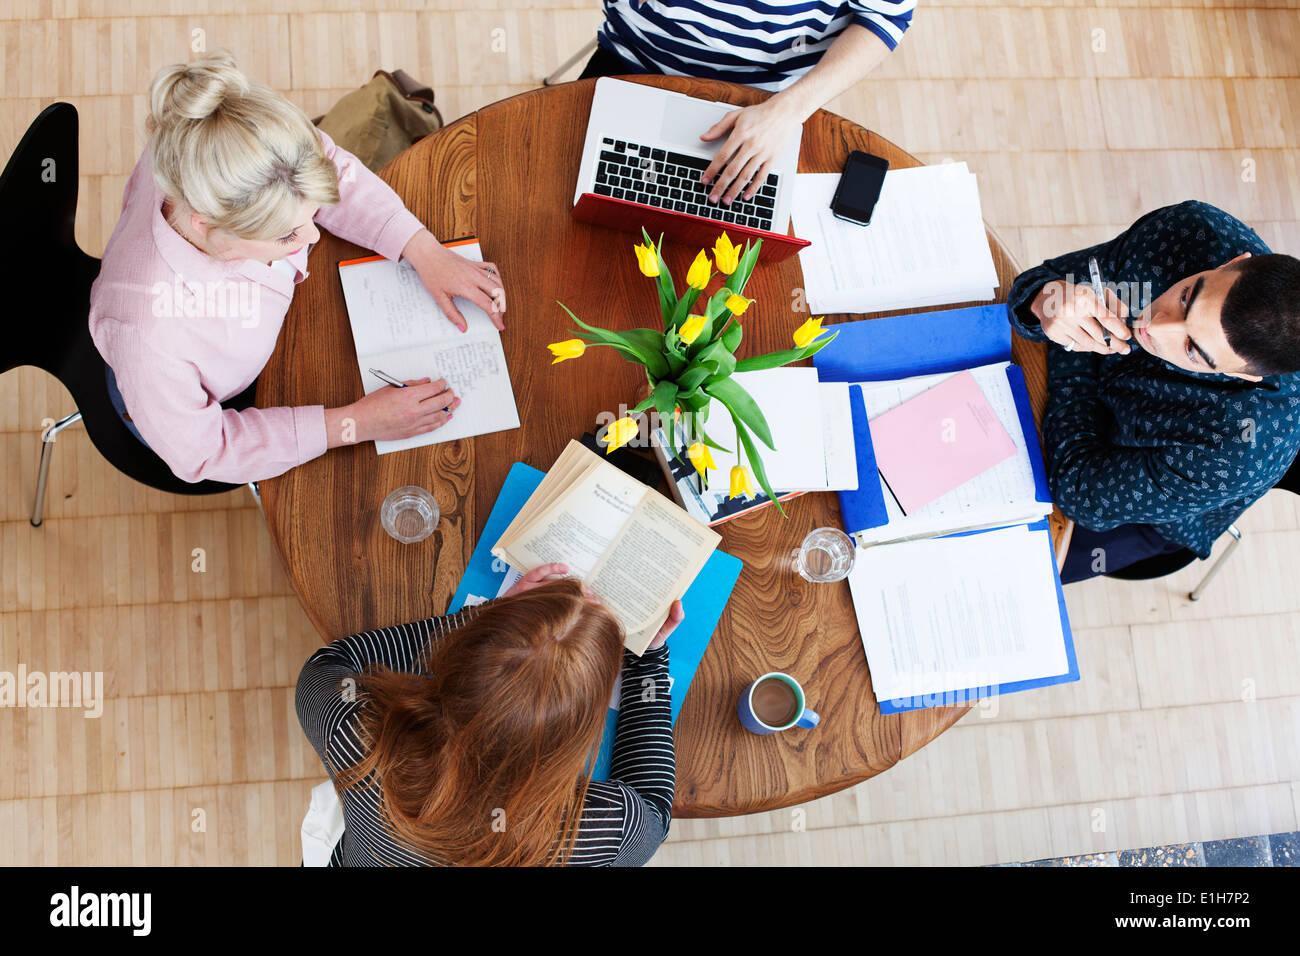 Vista aérea de cuatro adultos jóvenes sentados en torno a una mesa estudiando Imagen De Stock